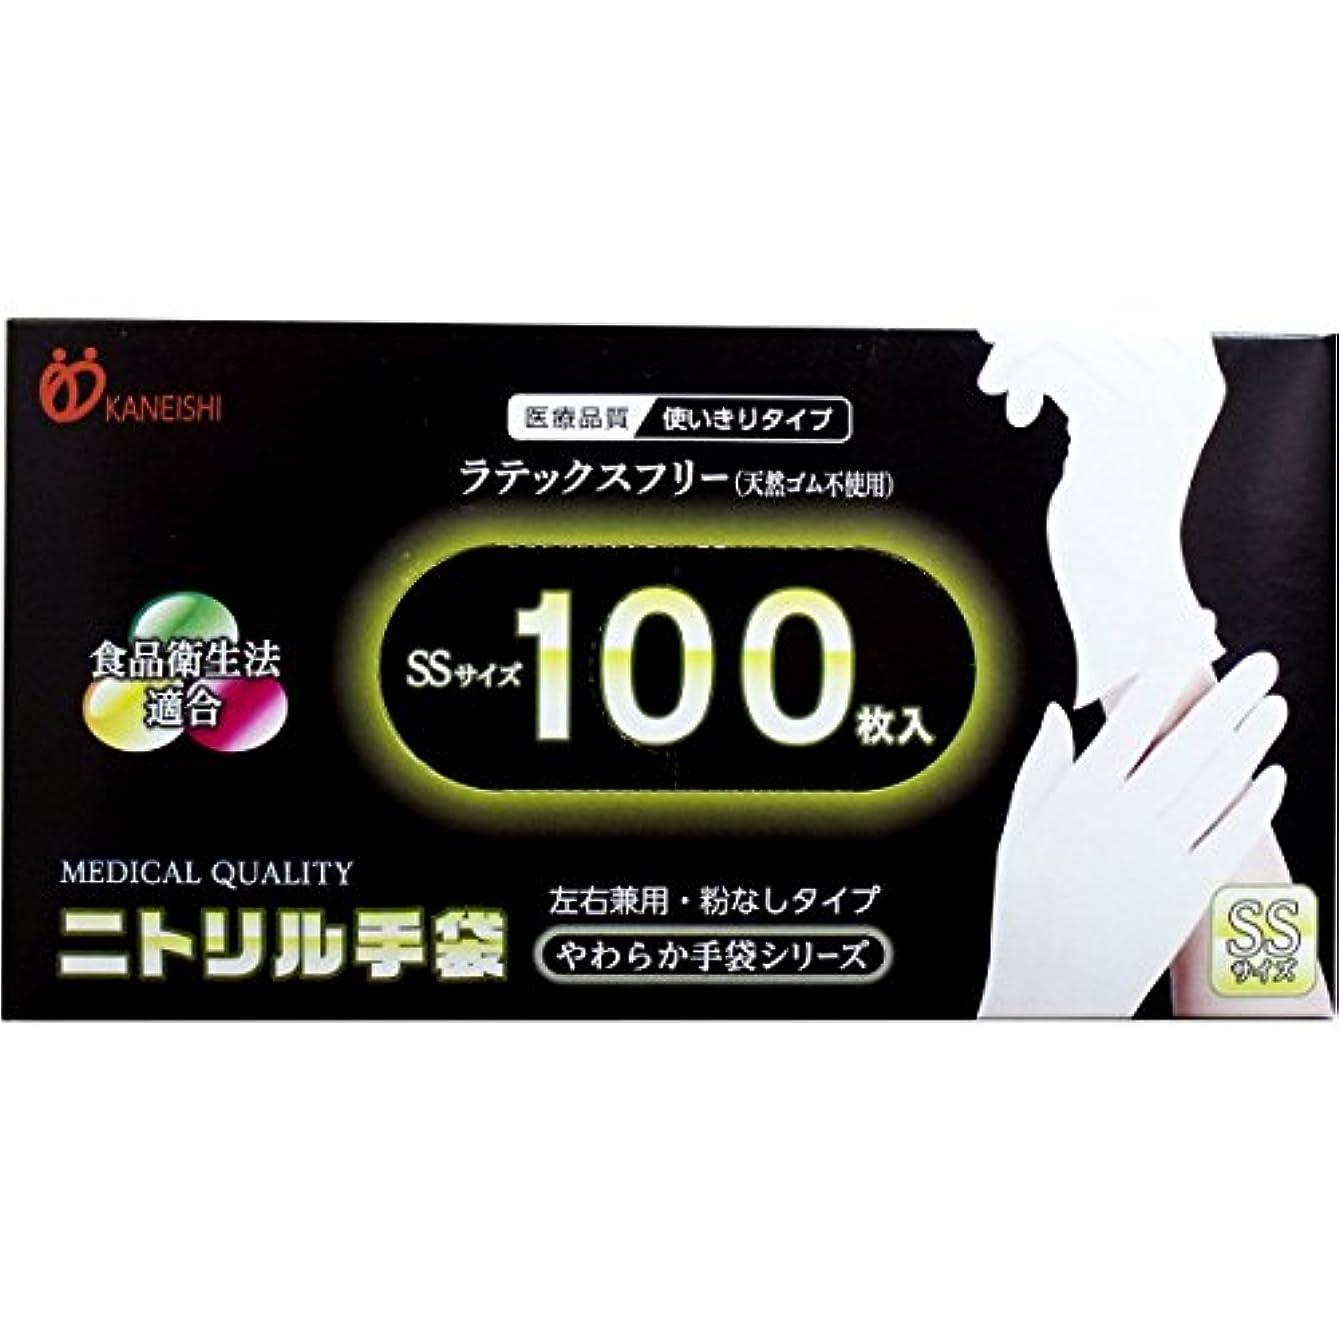 恐怖症抱擁枕ラテックスフリー 手軽に使い捨て出来る 介護 やわらかニトリル手袋 パウダーフリー 100枚入 SSサイズ